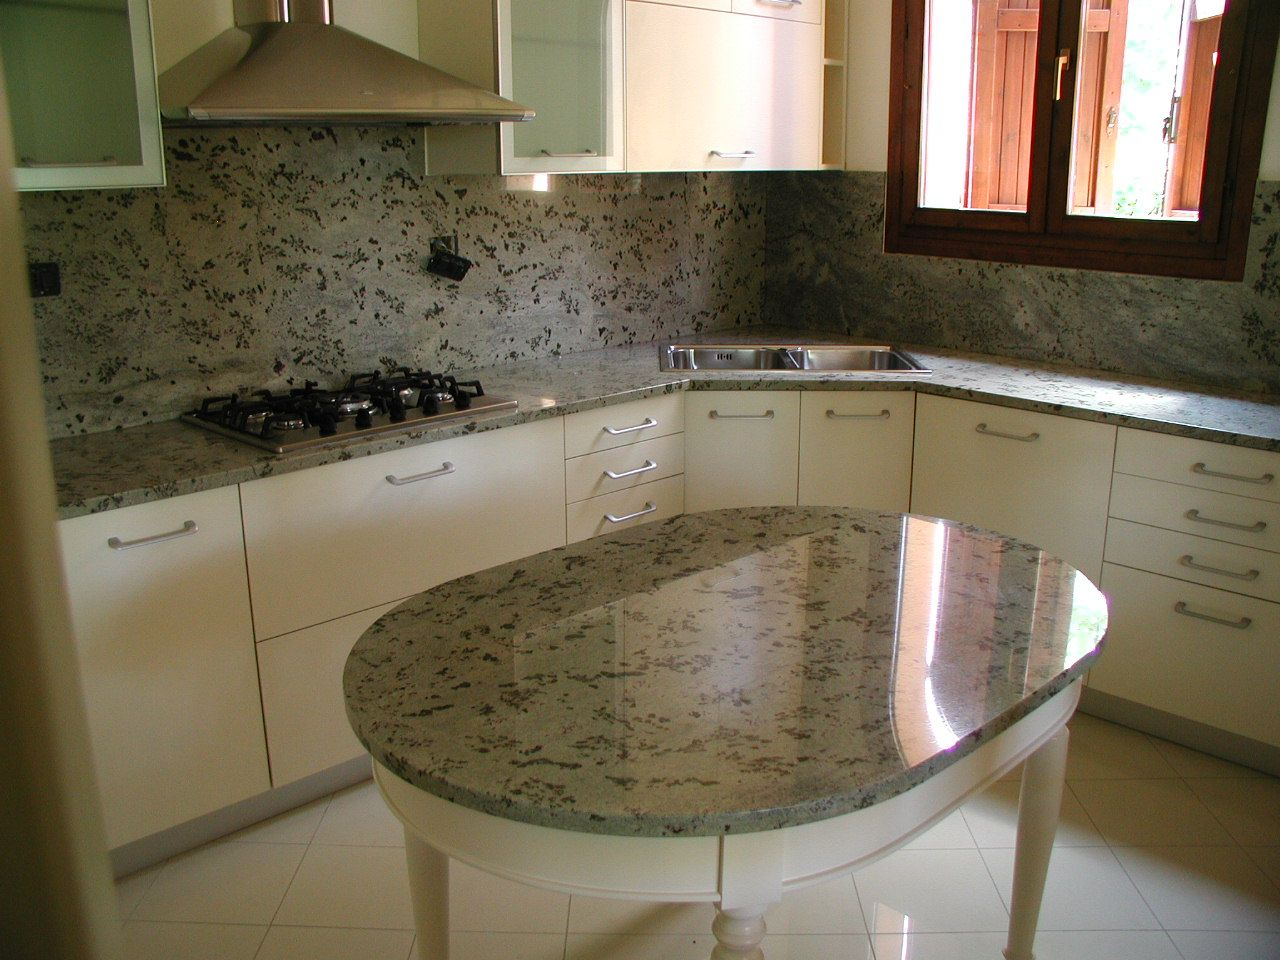 Piani cucina in granito kashmir white piani cucina docce in marmo e granito - Piano cucina in granito ...